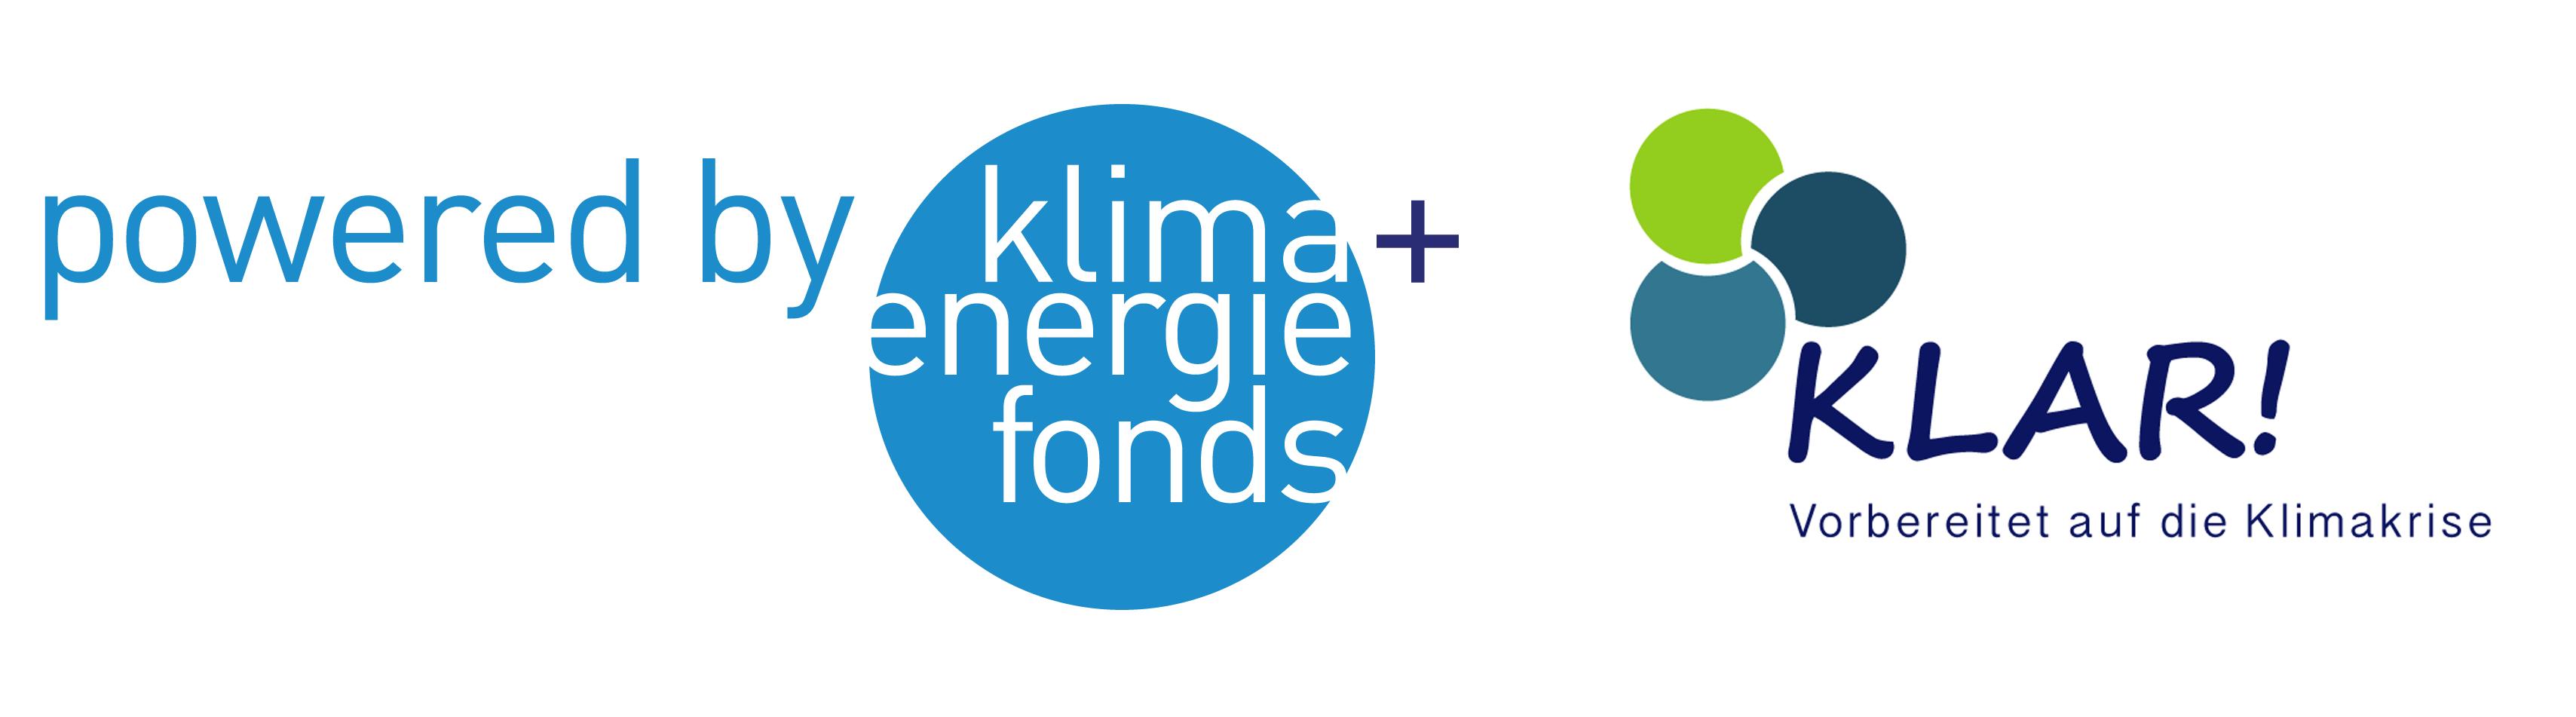 Logos KLAR und Klima- und Energiefonds